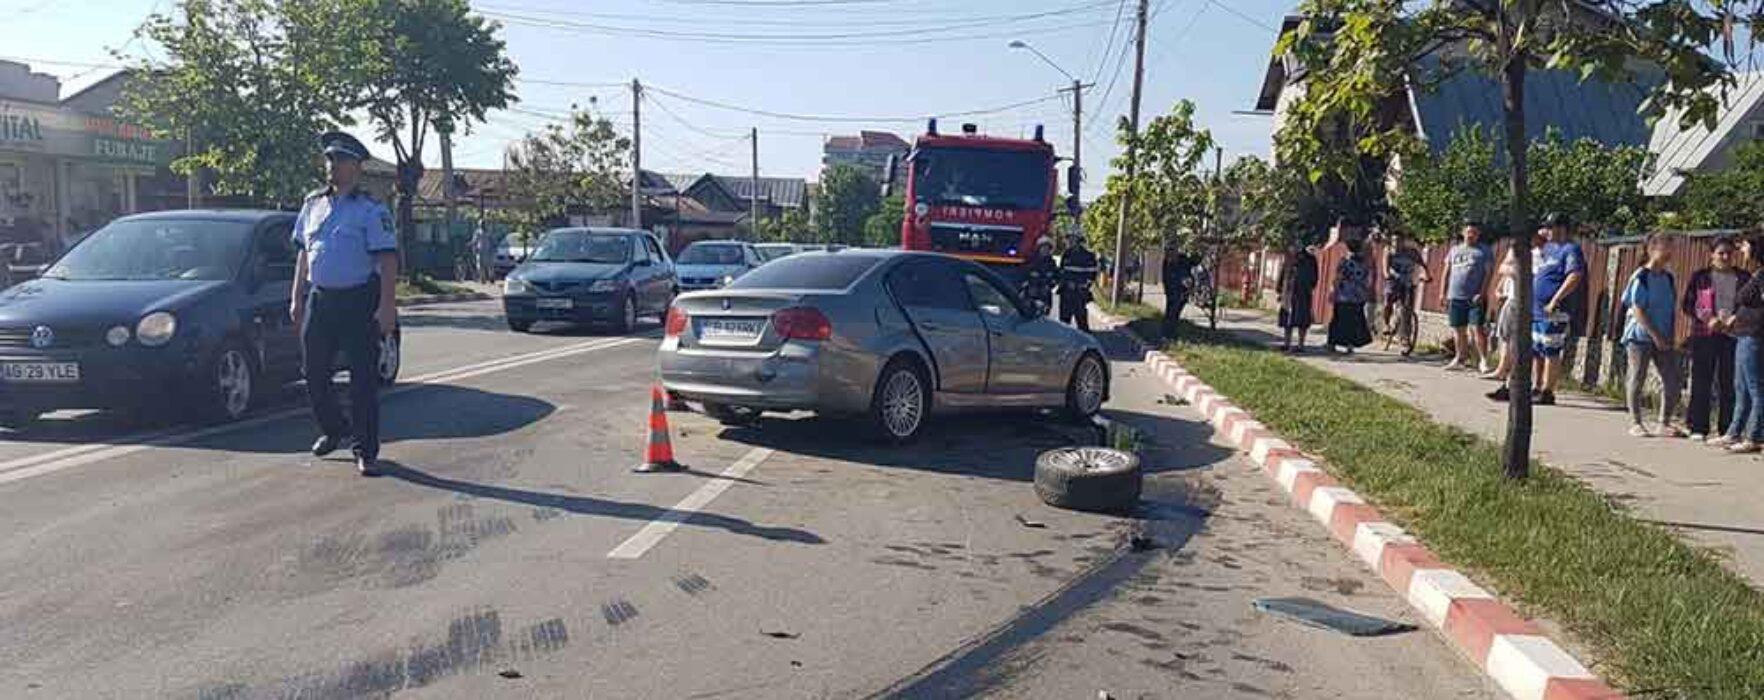 Dâmboviţa: Patru maşini implicate într-un accident; trei persoane rănite